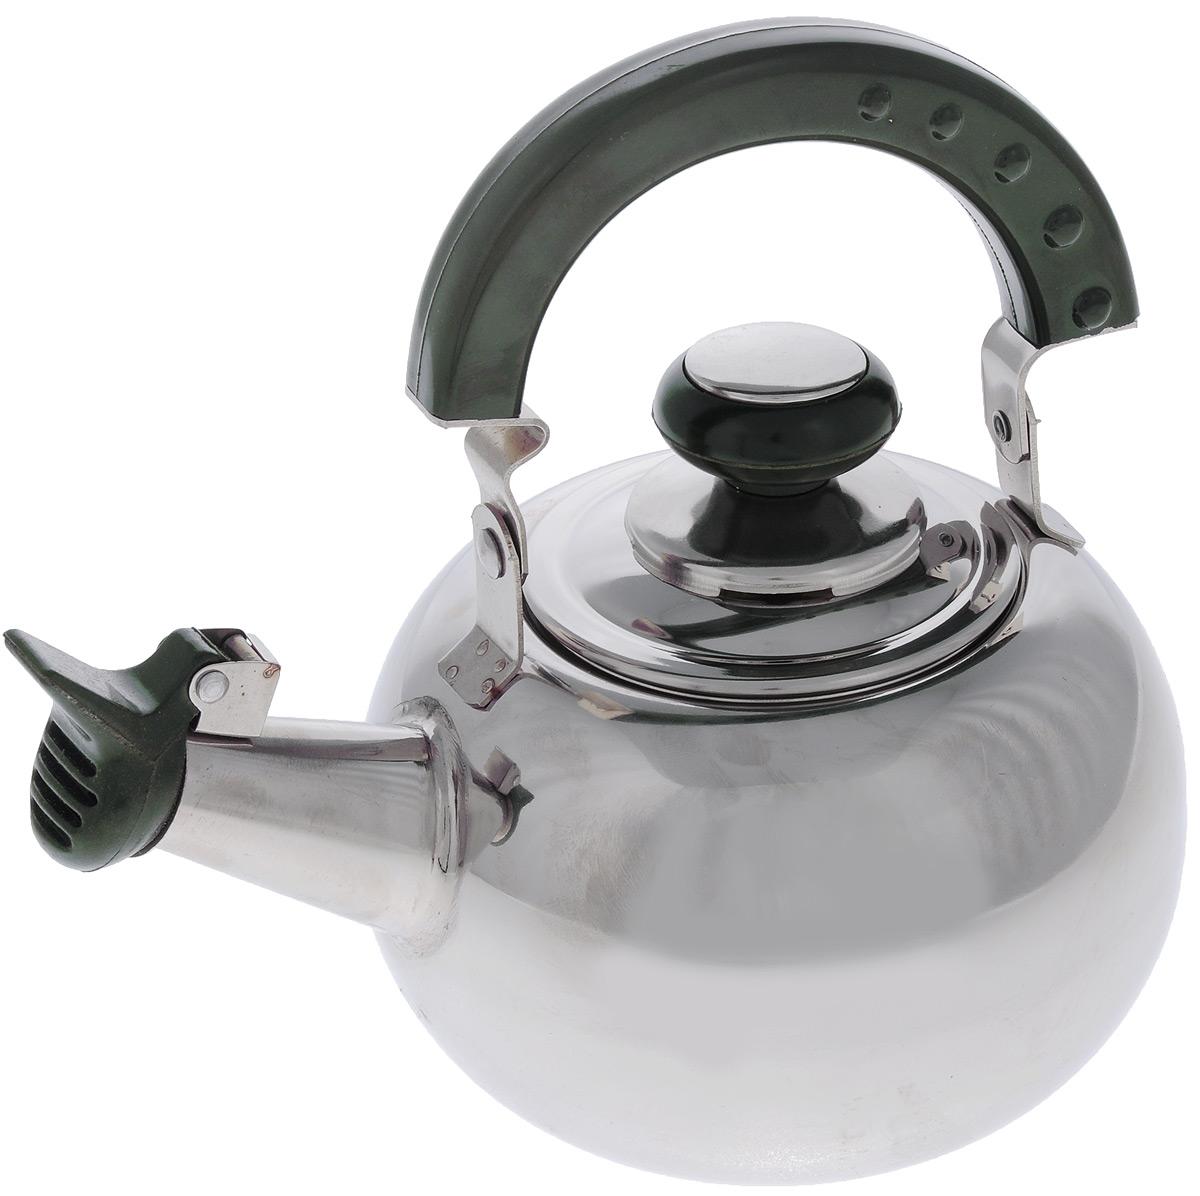 Чайник Mayer & Boch со свистком, с ситечком, 1 л20139Чайник Mayer & Boch изготовлен из высококачественной нержавеющей стали. Нержавеющая сталь обладает высокой устойчивостью к коррозии, не вступает в реакцию с холодными и горячими продуктами и полностью сохраняет их вкусовые качества. Особая конструкция дна способствует высокой теплопроводности и равномерному распределению тепла. Внешнее зеркальное покрытие придает приятный внешний вид. Бакелитовая ручка делает использование чайника очень удобным и безопасным. Чайник снабжен свистком и ситечком для заваривания. Чайник Mayer & Boch пригоден для использования на всех видах плит, кроме индукционных. Можно мыть в посудомоечной машине. Диаметр по верхнему краю: 8 см. Диаметр основания: 8,5 см. Высота с учетом крышки: 12 см. Диаметр ситечка: 7 см. Высота ситечка: 6,5 см.